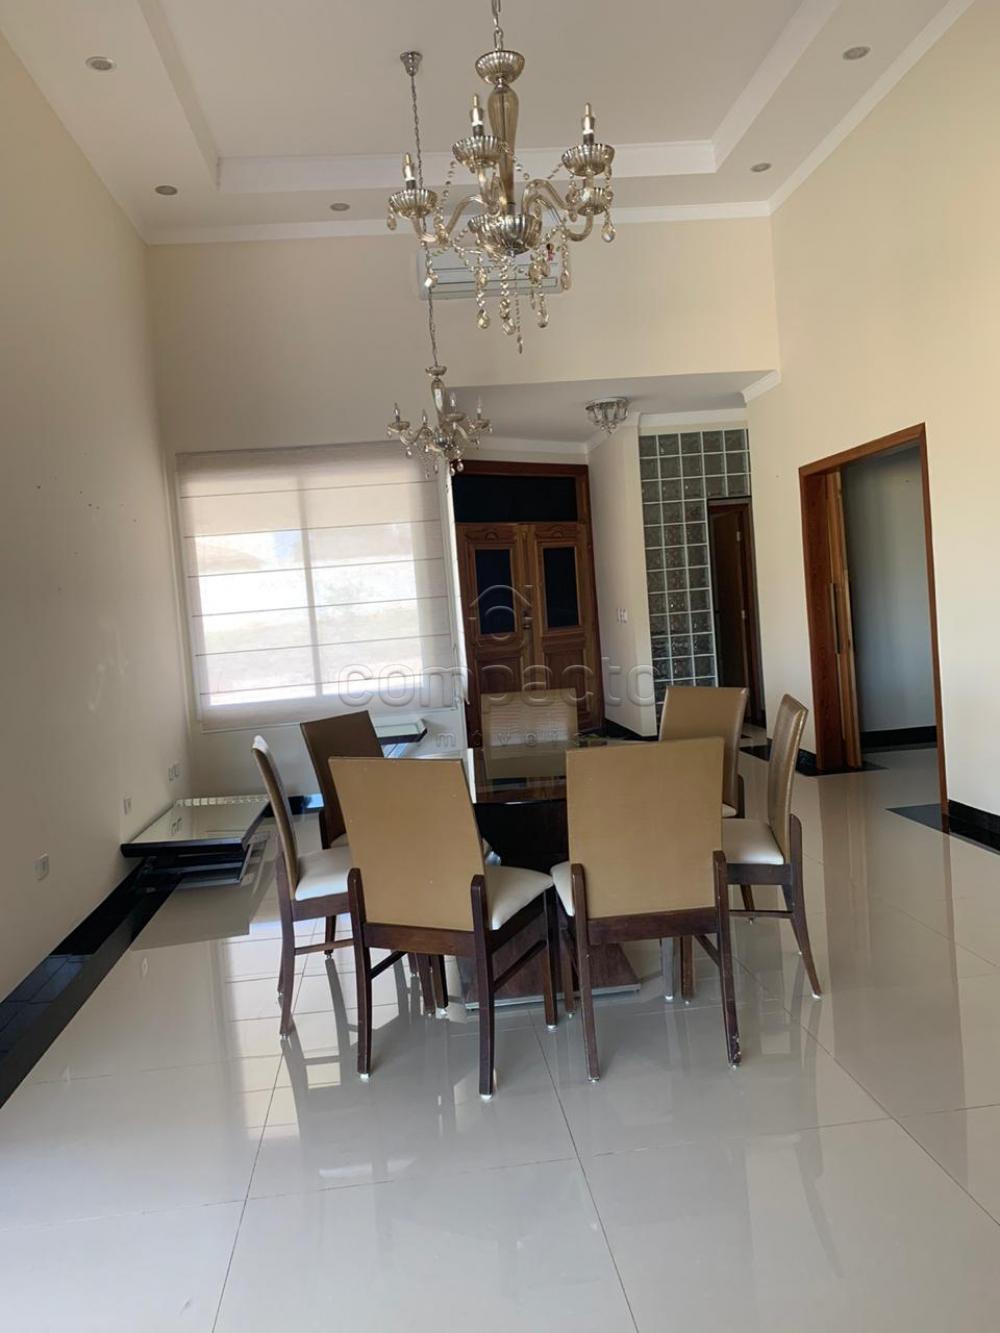 Comprar Casa / Condomínio em Mirassol apenas R$ 1.060.000,00 - Foto 6